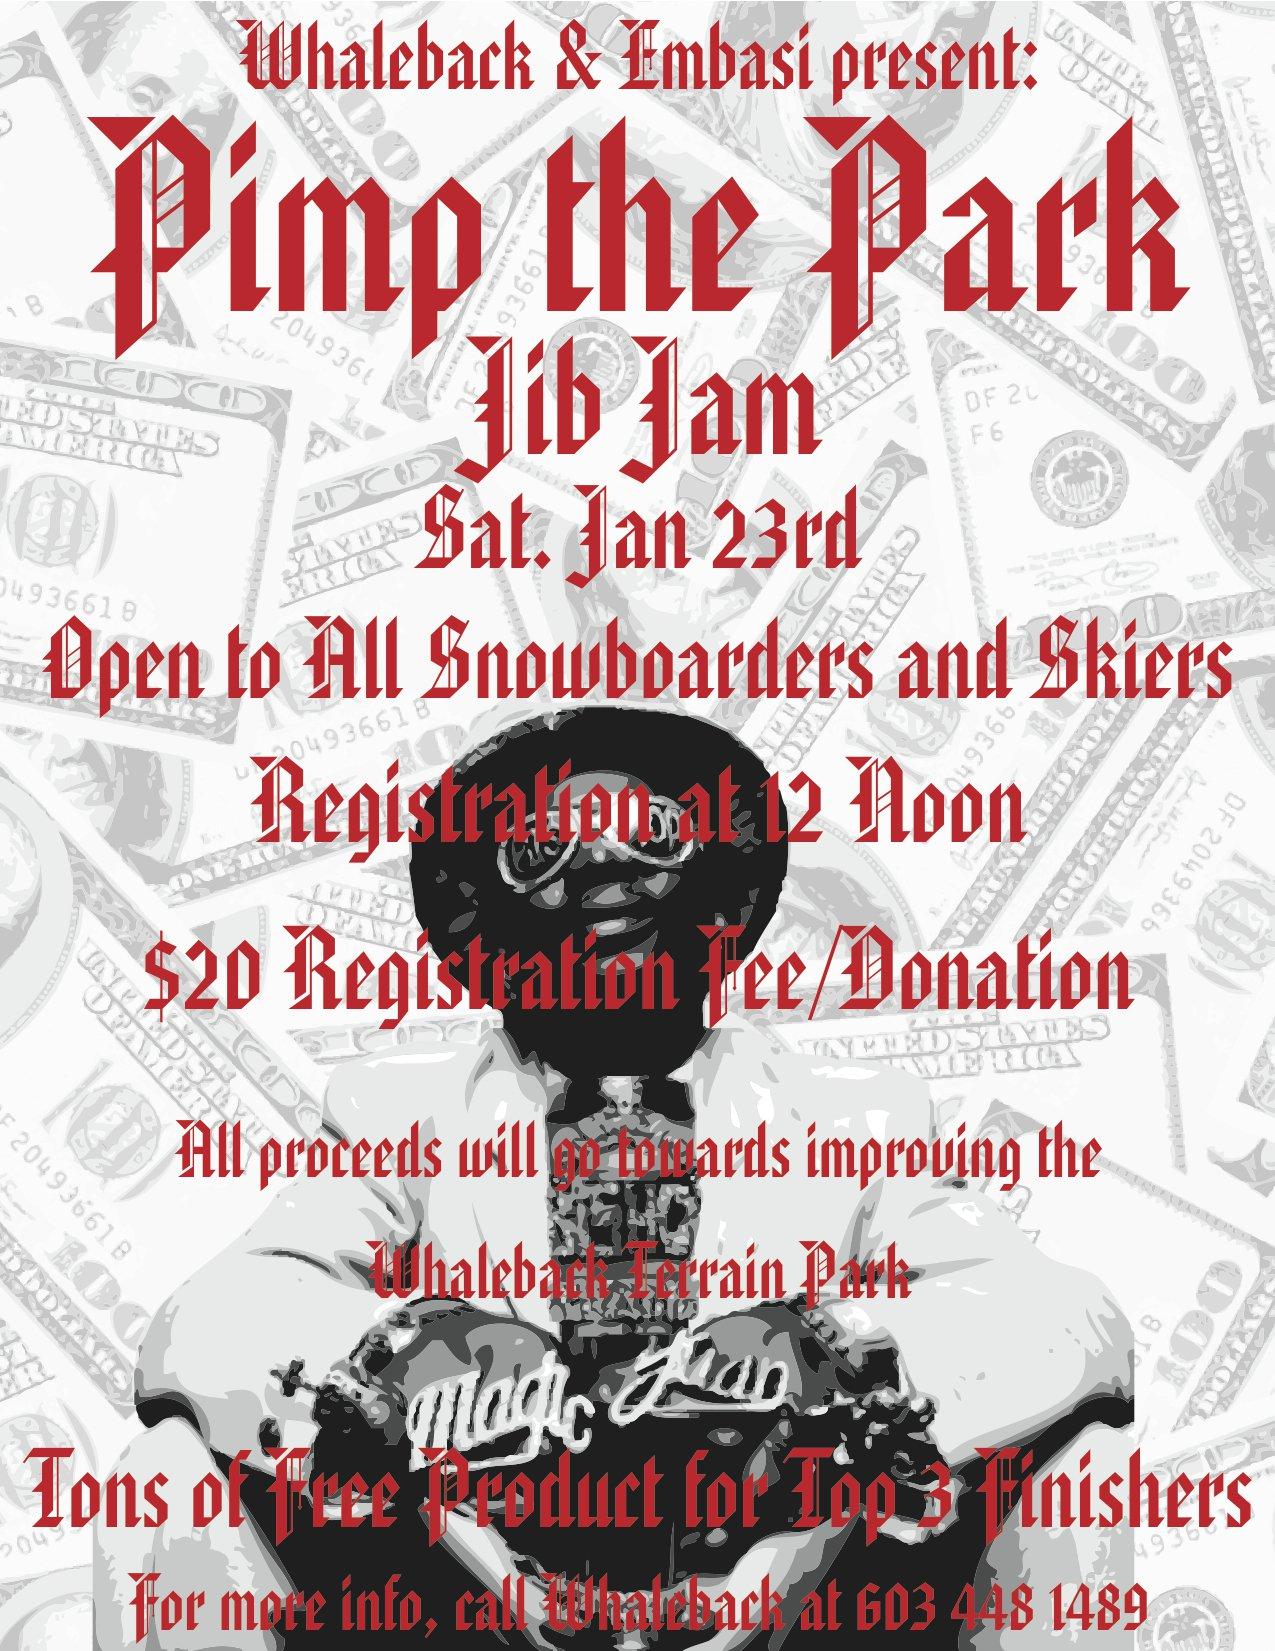 Pimp The Park Jib Jam